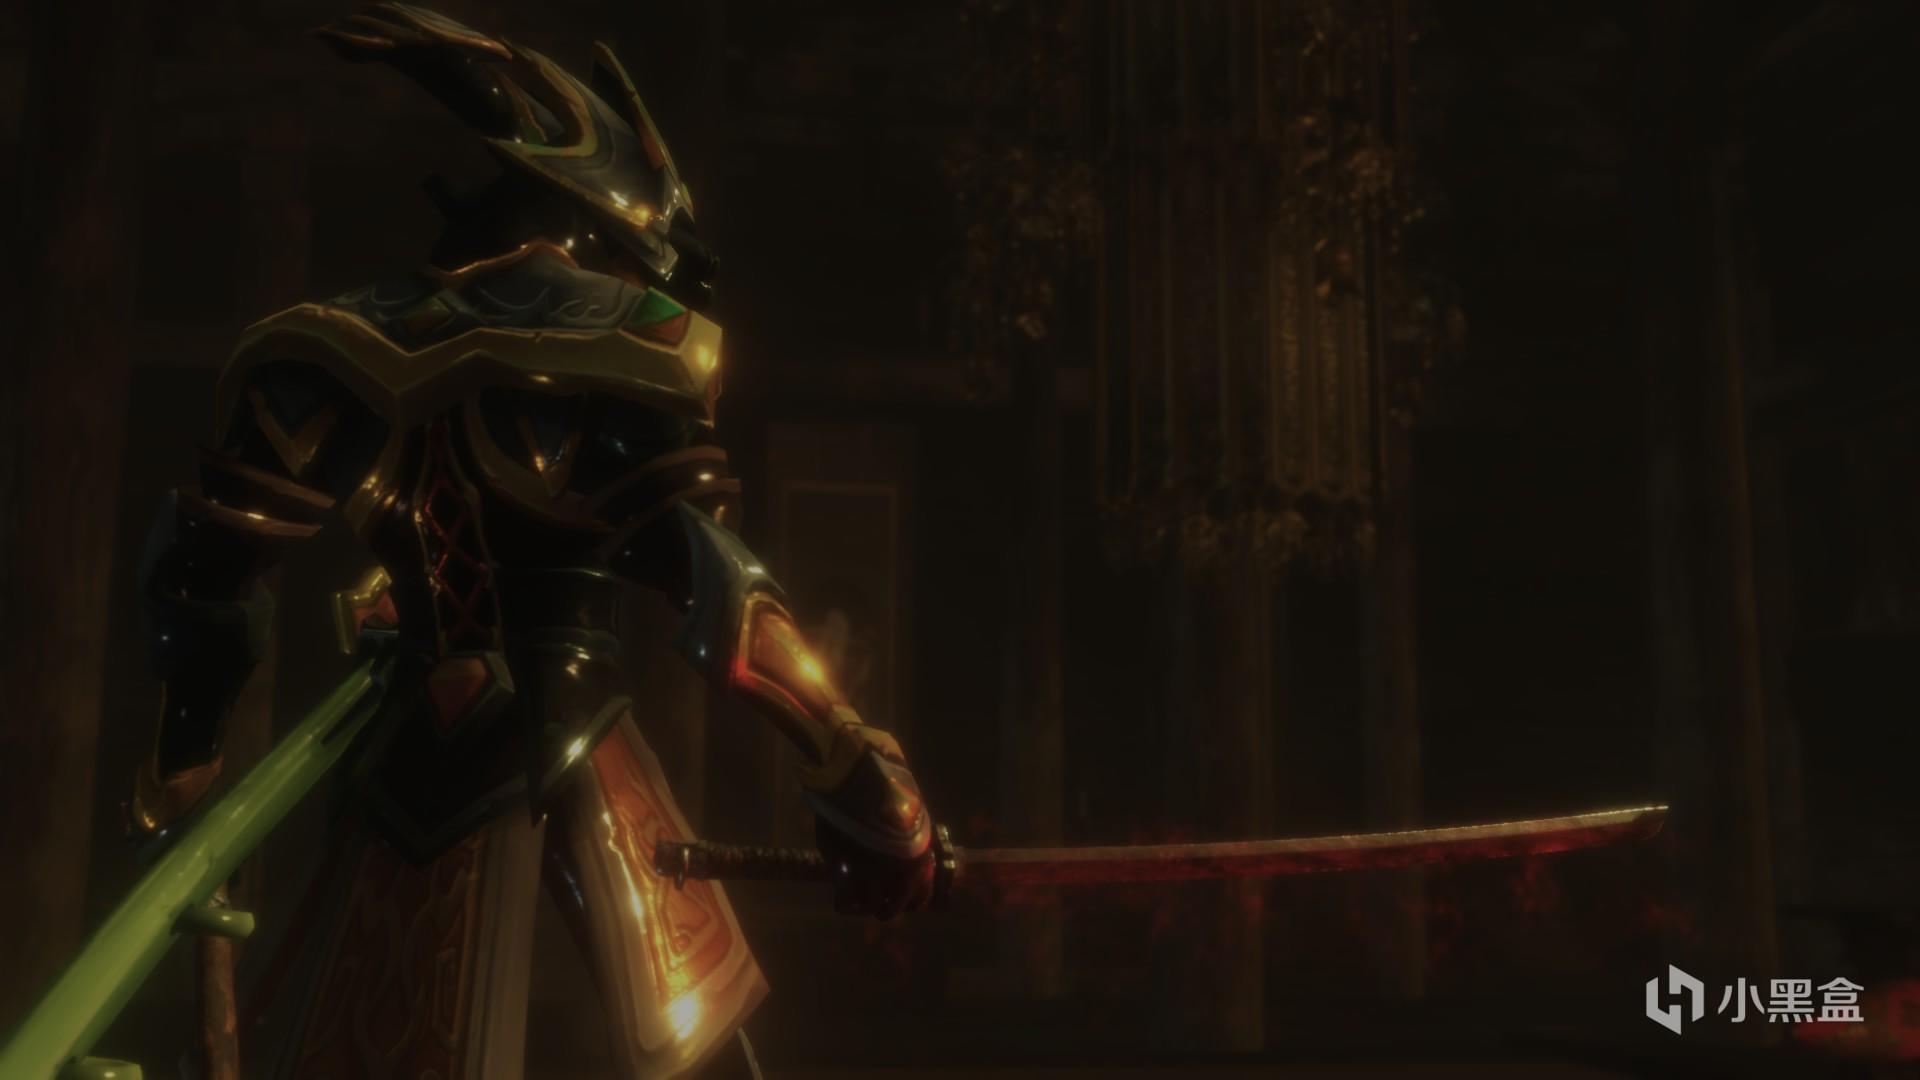 无极剑圣s11出装天赋超详细教学,重铸ap剑圣荣光,吾辈义不容辞!